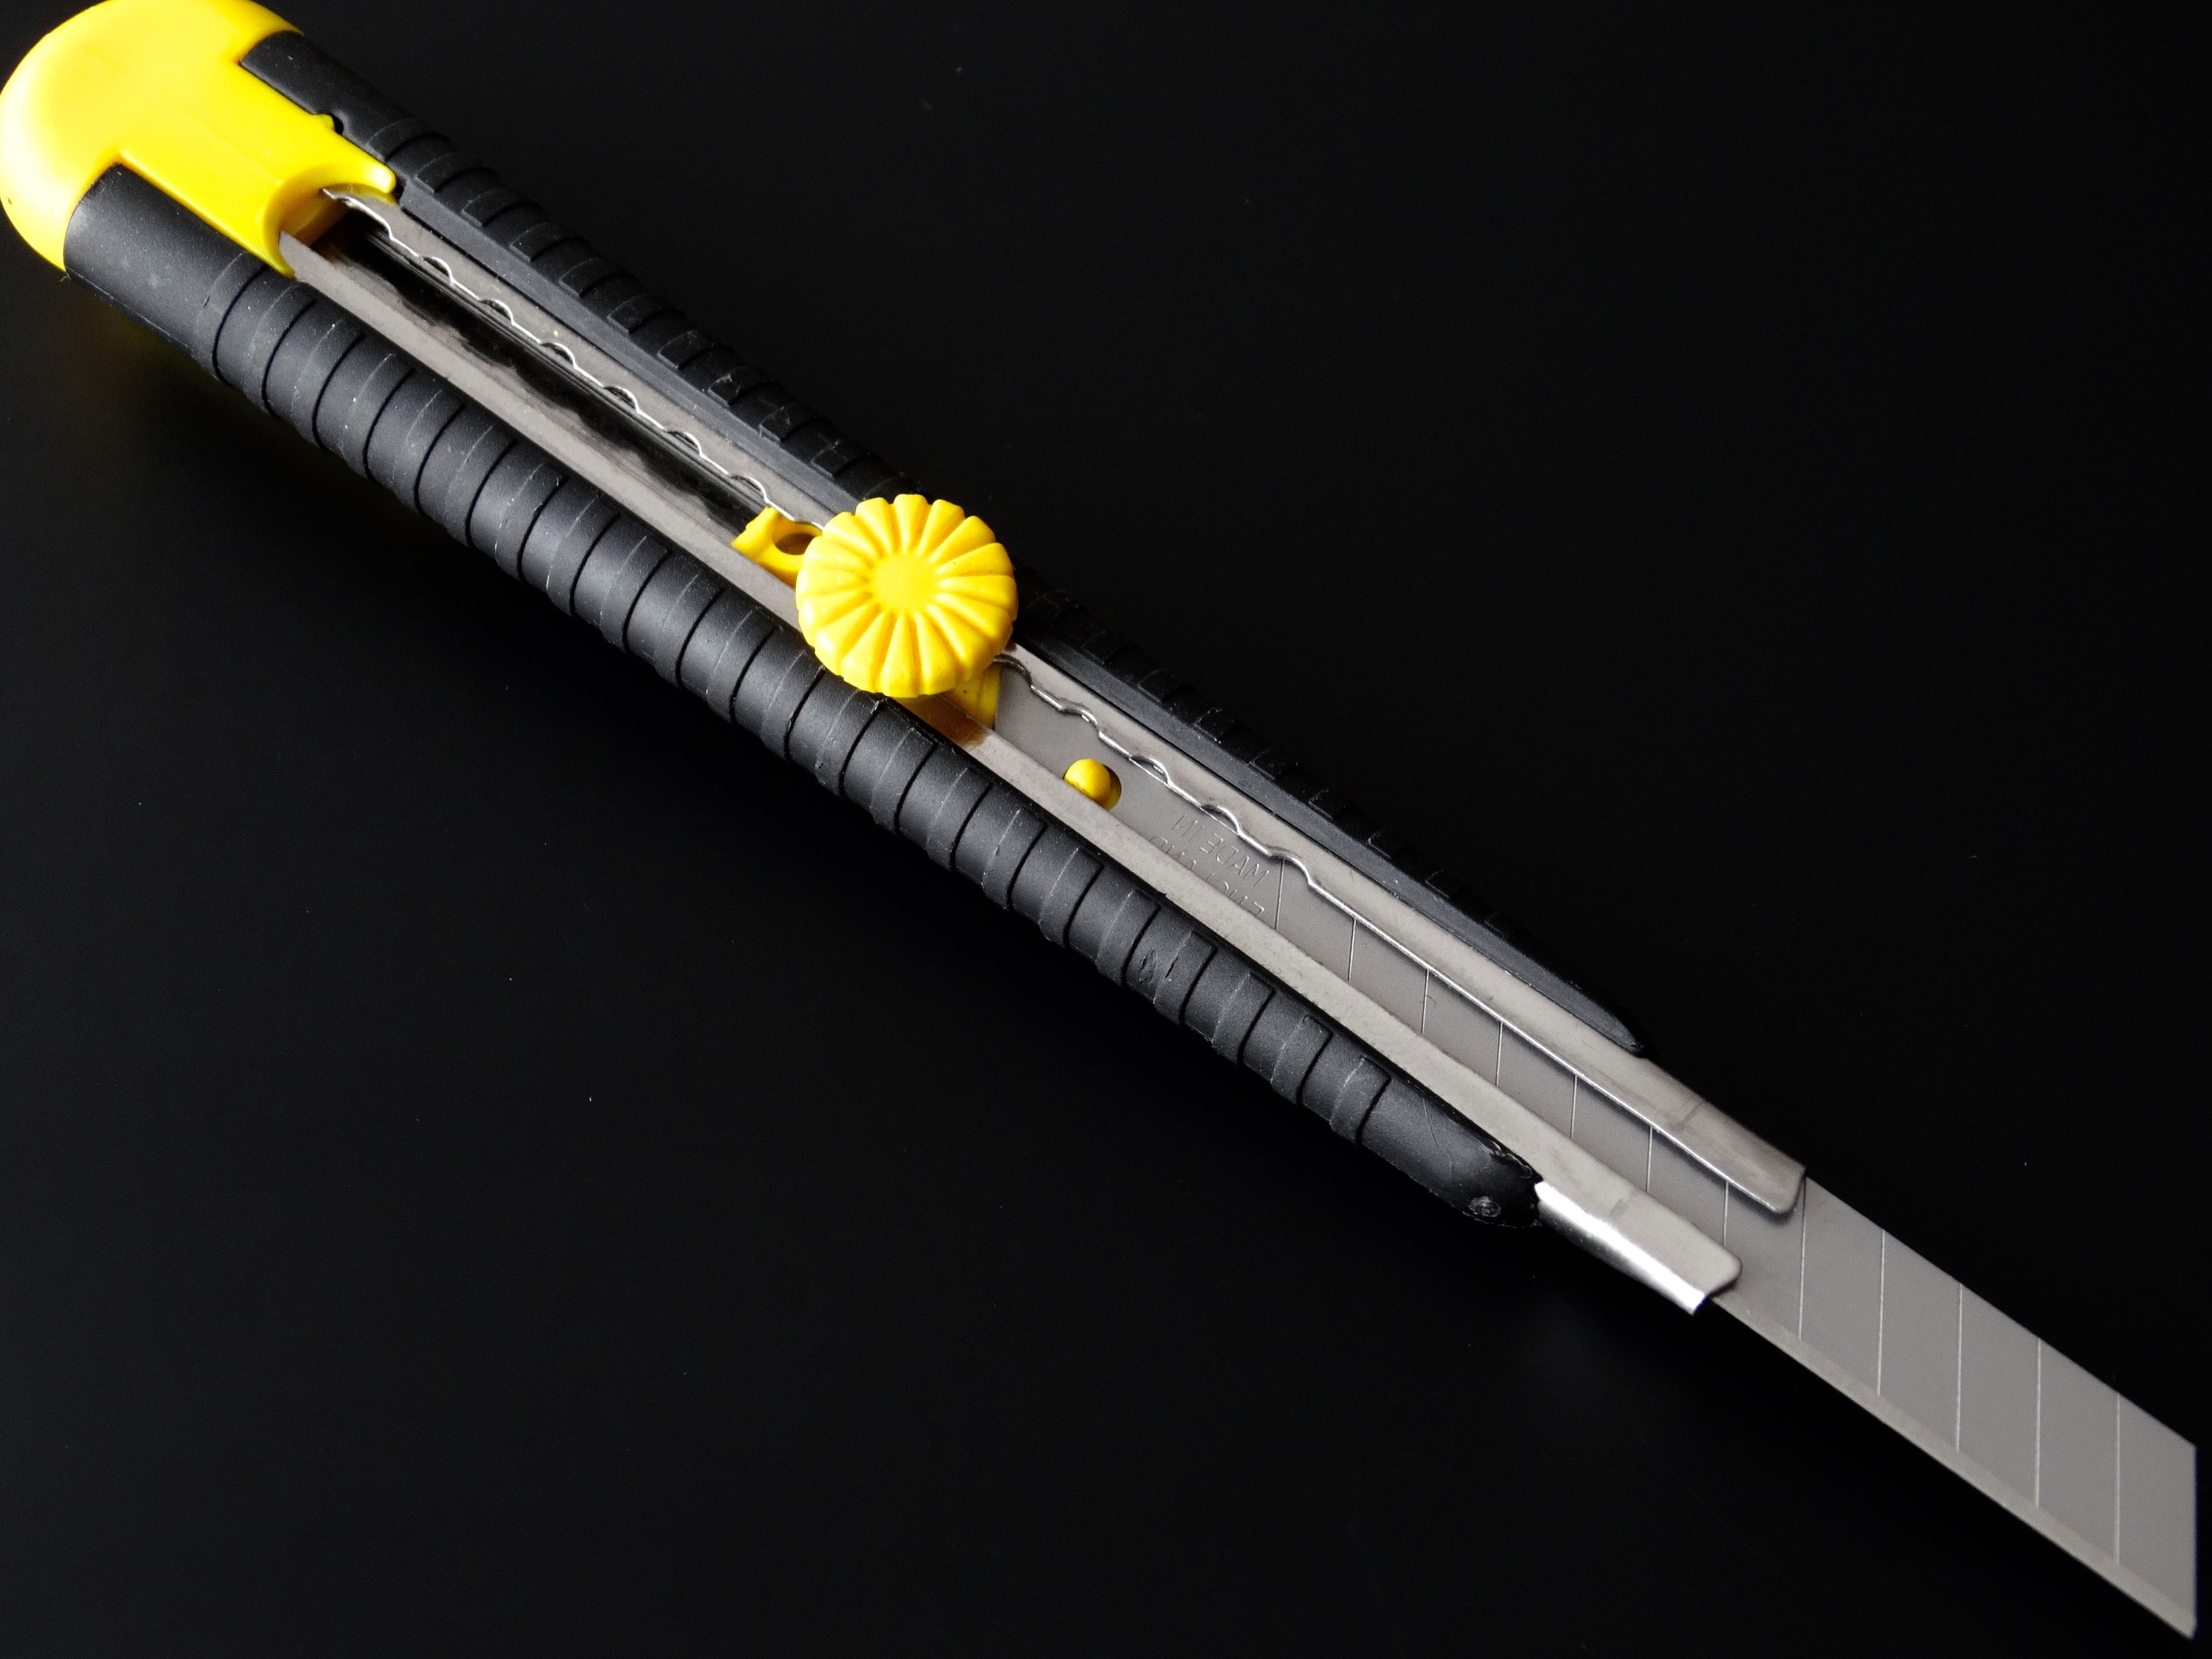 kostenlose bild: ausrüstung, instrument, werkzeug, stahl, hand-werkzeug